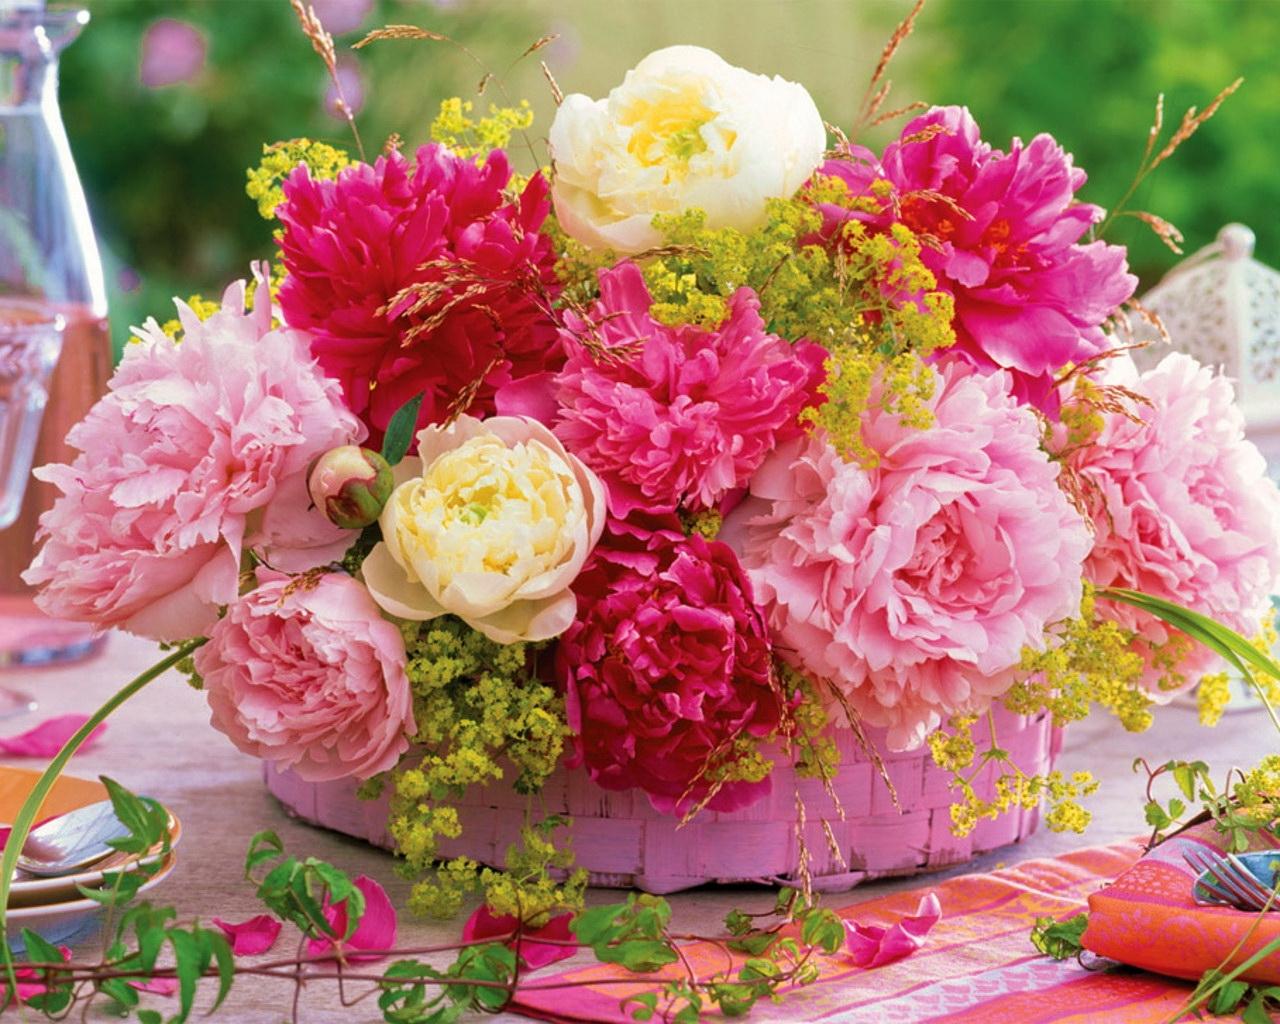 решили уходить, самые красивые цветы в блогах фото подчеркивала